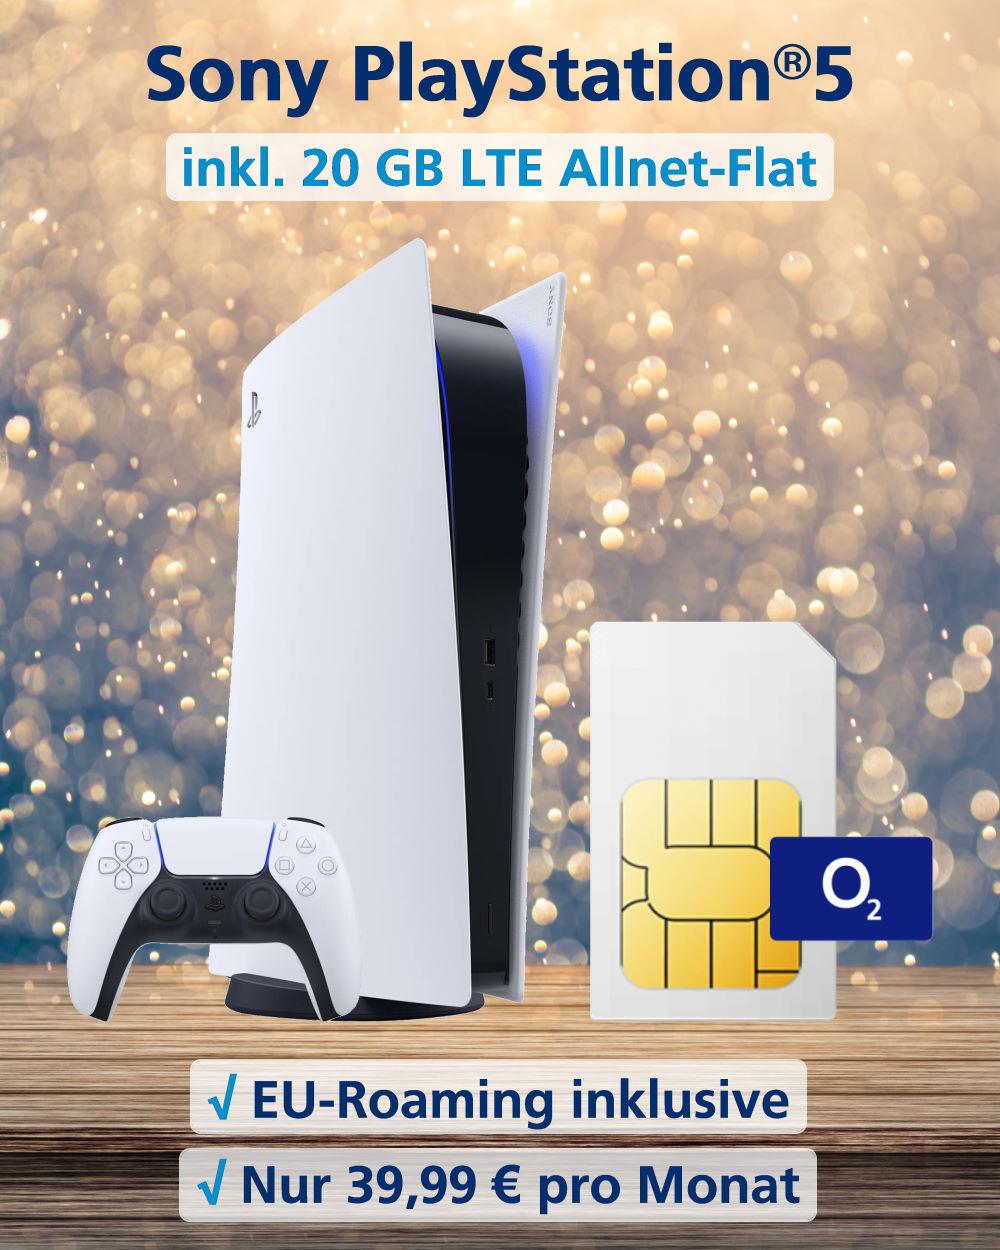 Handy Tarifvergleich - Playstation®5 mit 20 GB LTE Allnet-Flat zum Top-Preis